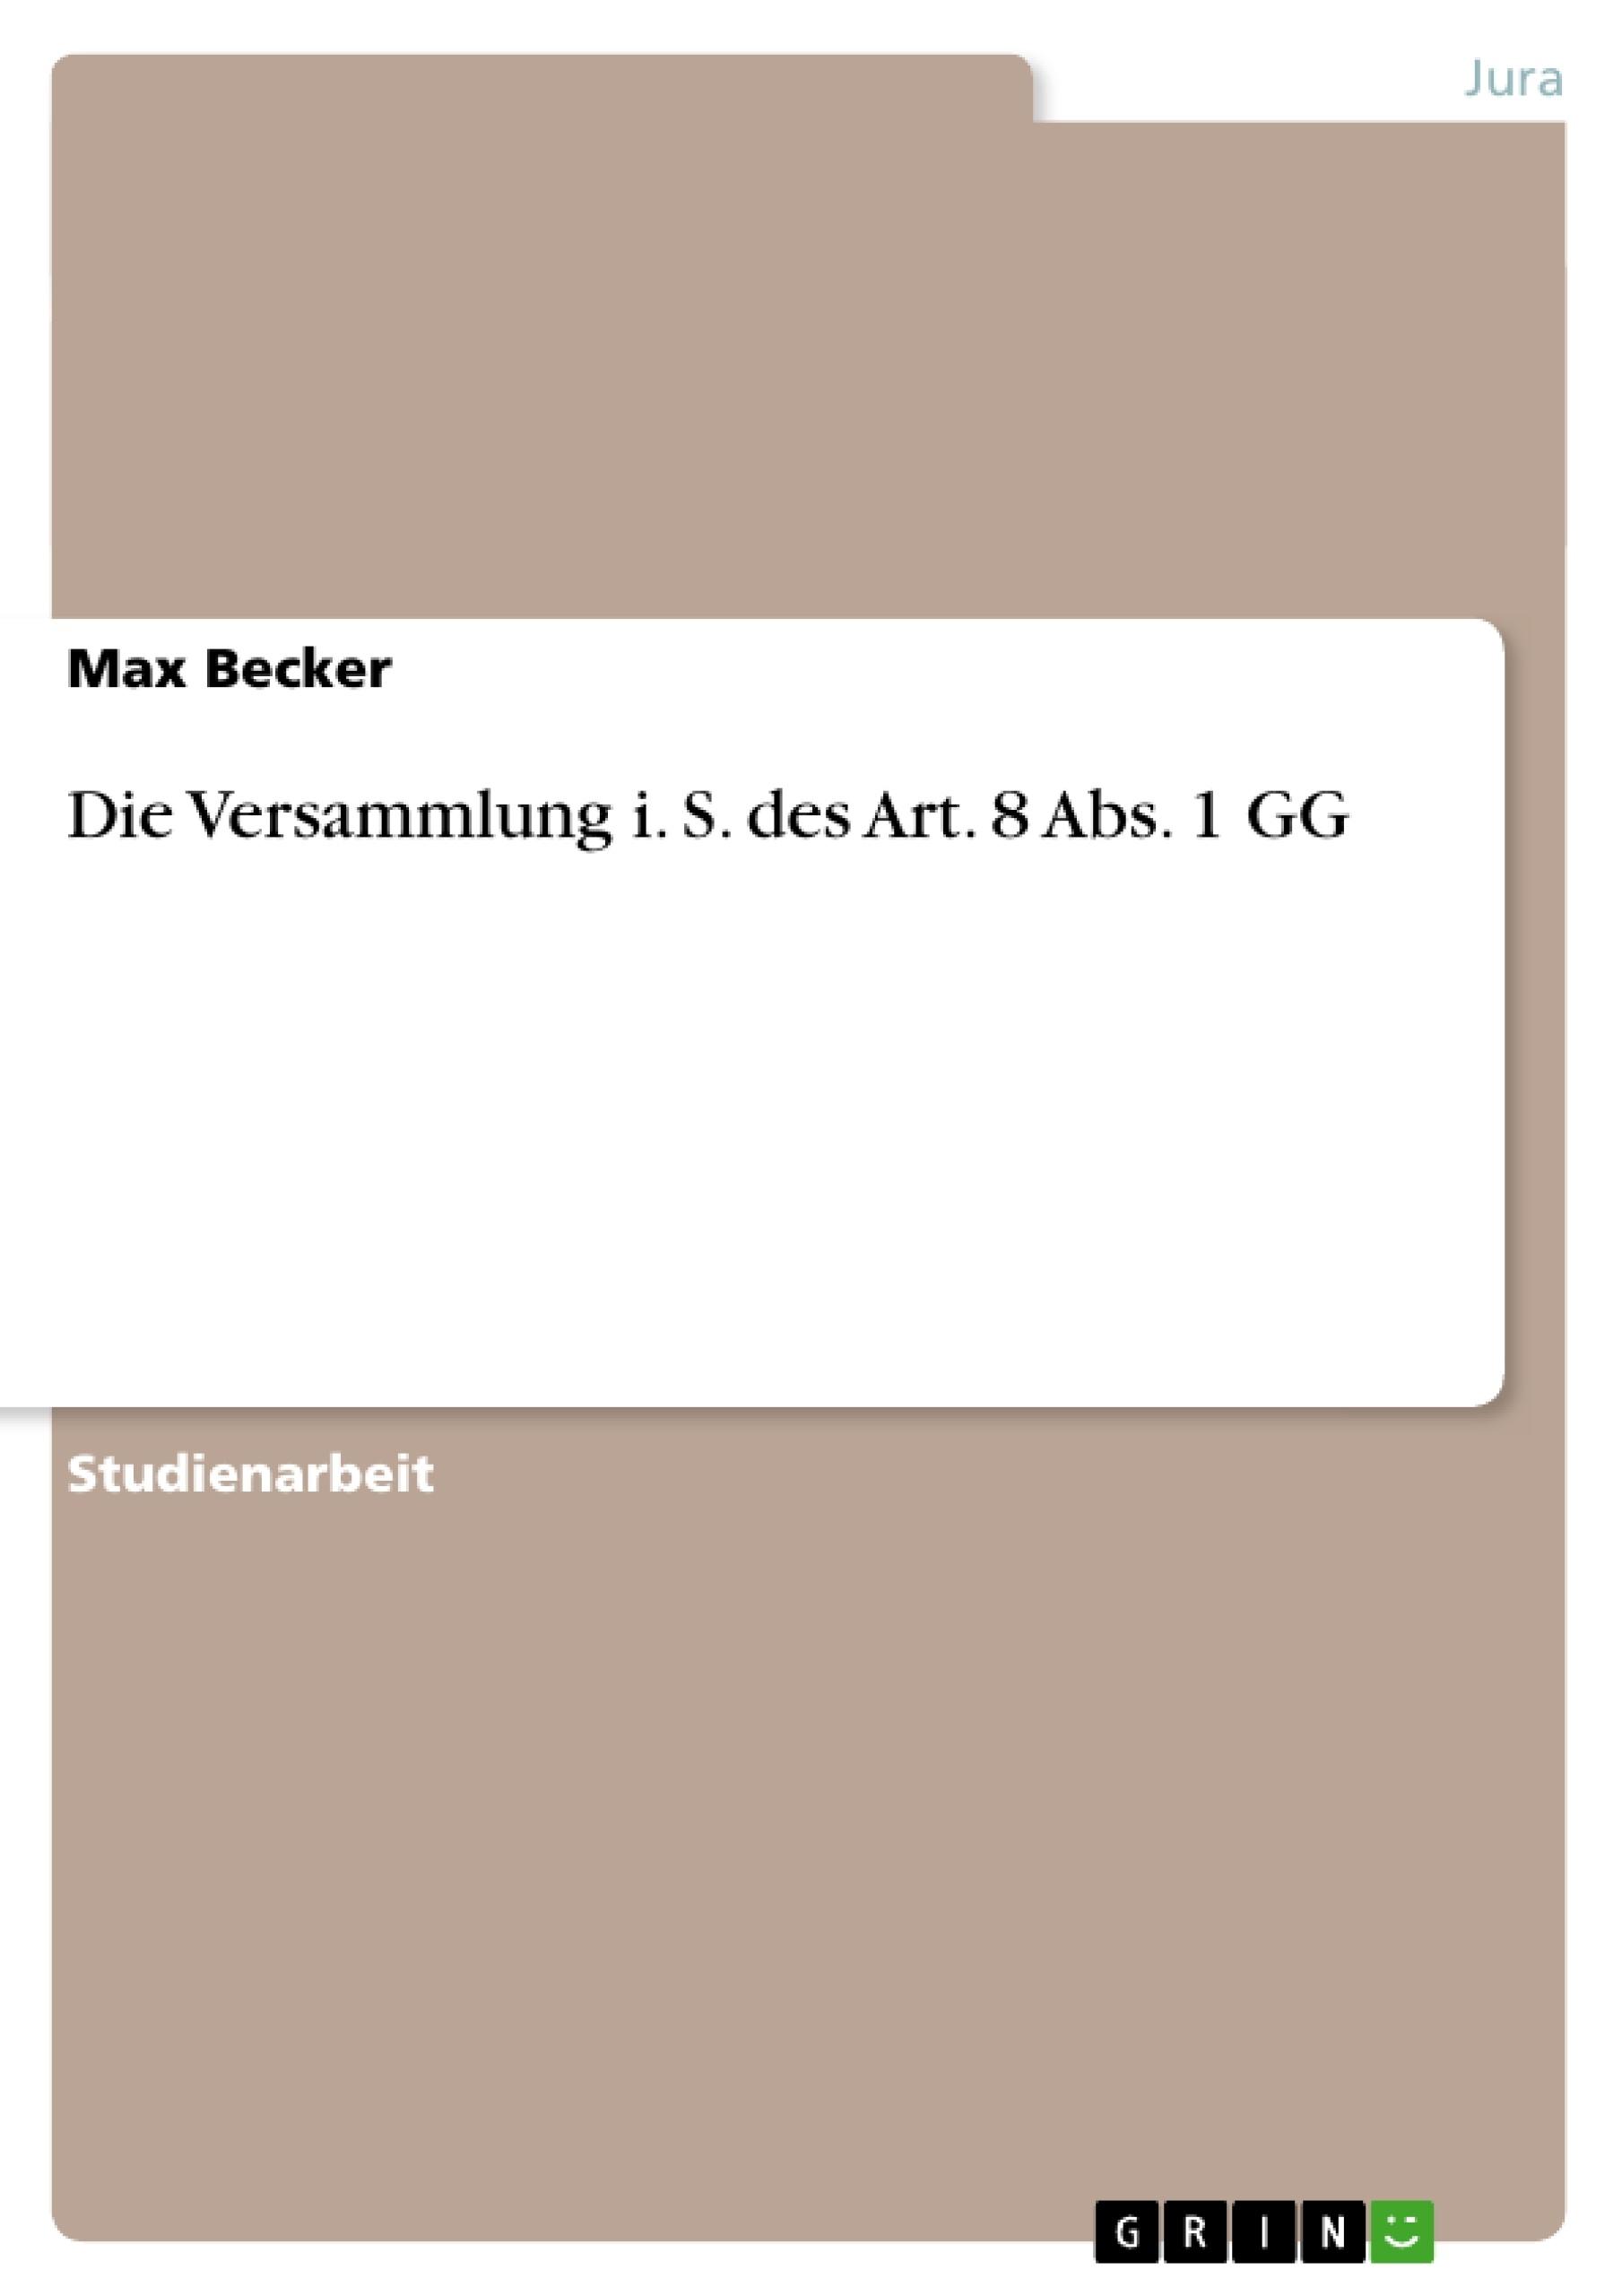 Titel: Die Versammlung i. S. des Art. 8 Abs. 1 GG